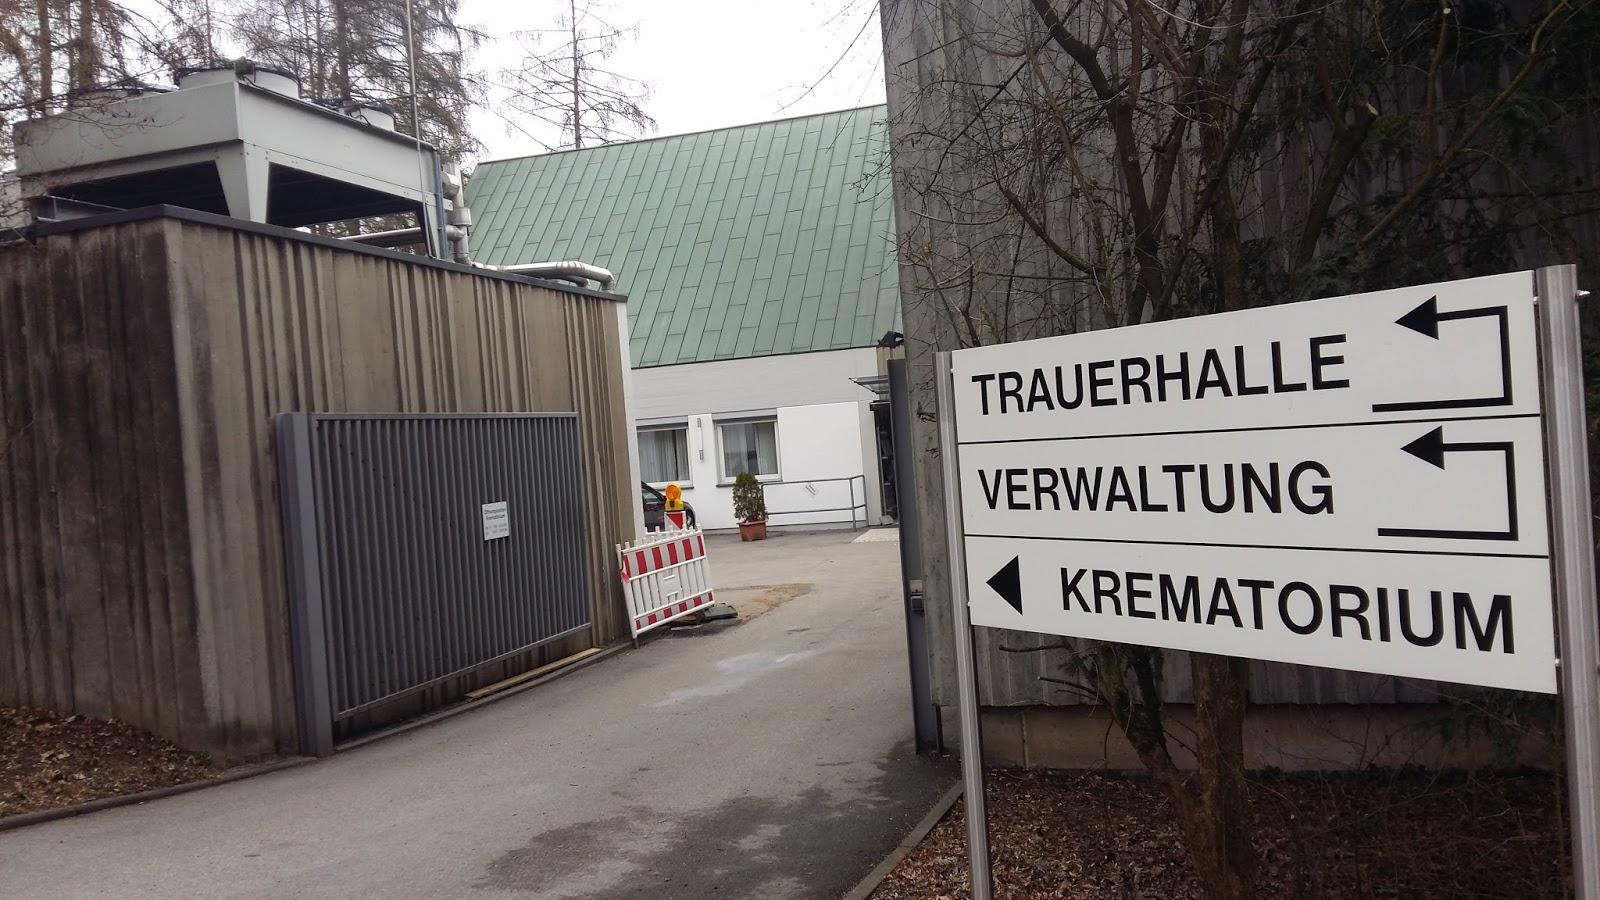 Krematorium Regensburg